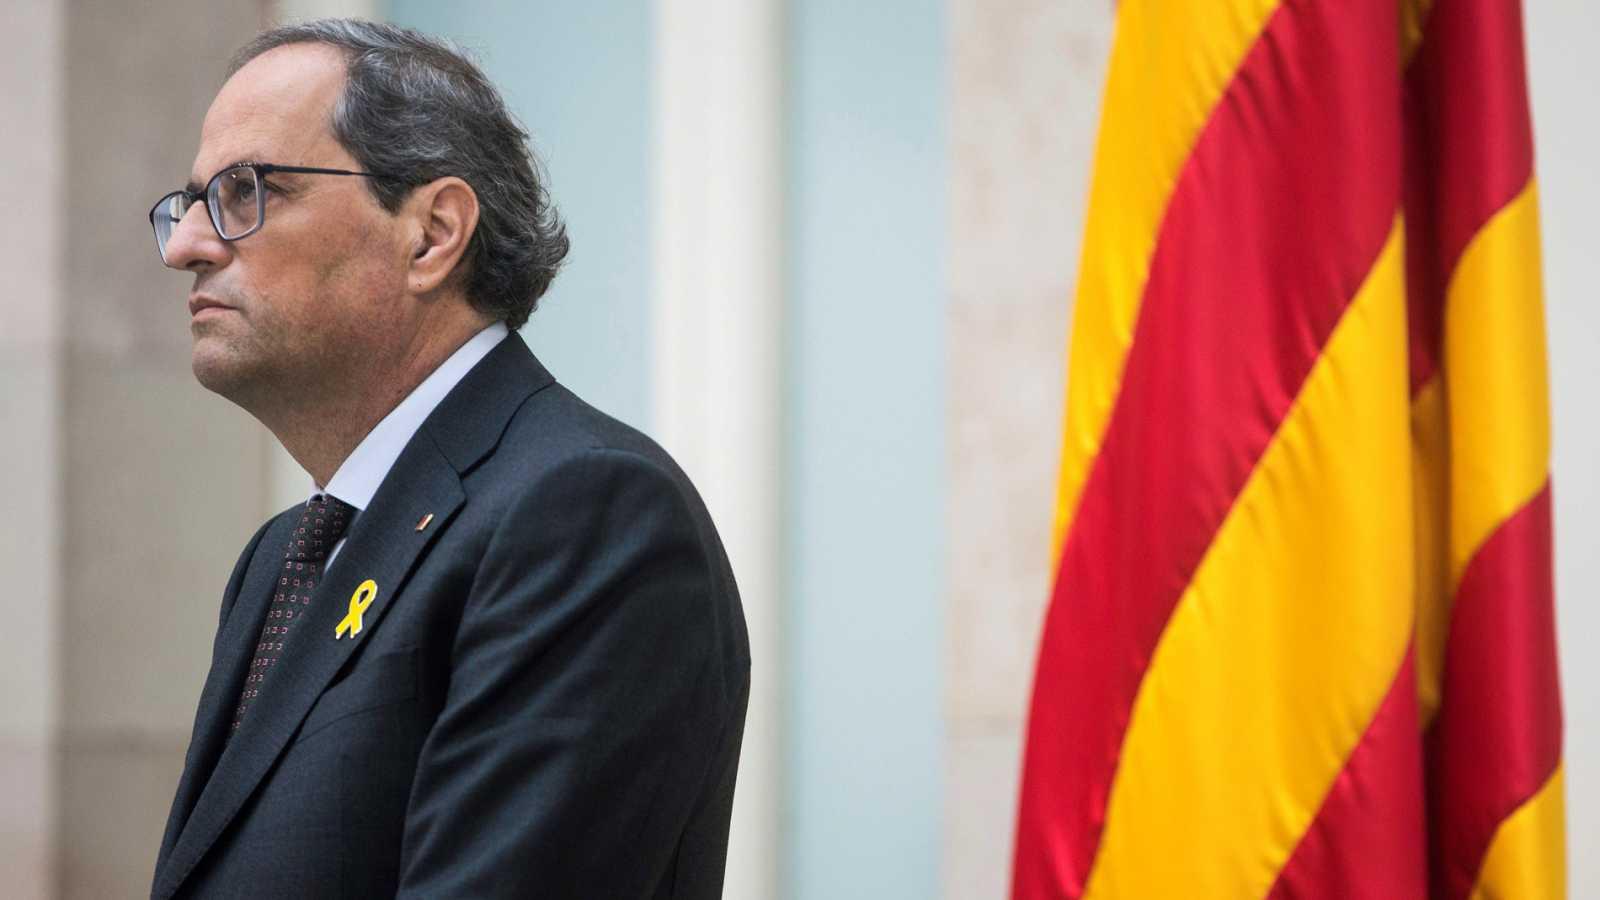 """Torra: """"Presidente Sánchez: nosotros, el pueblo de Cataluña, le retiramos el apoyo y le decimos que no votaremos los presupuestos"""""""